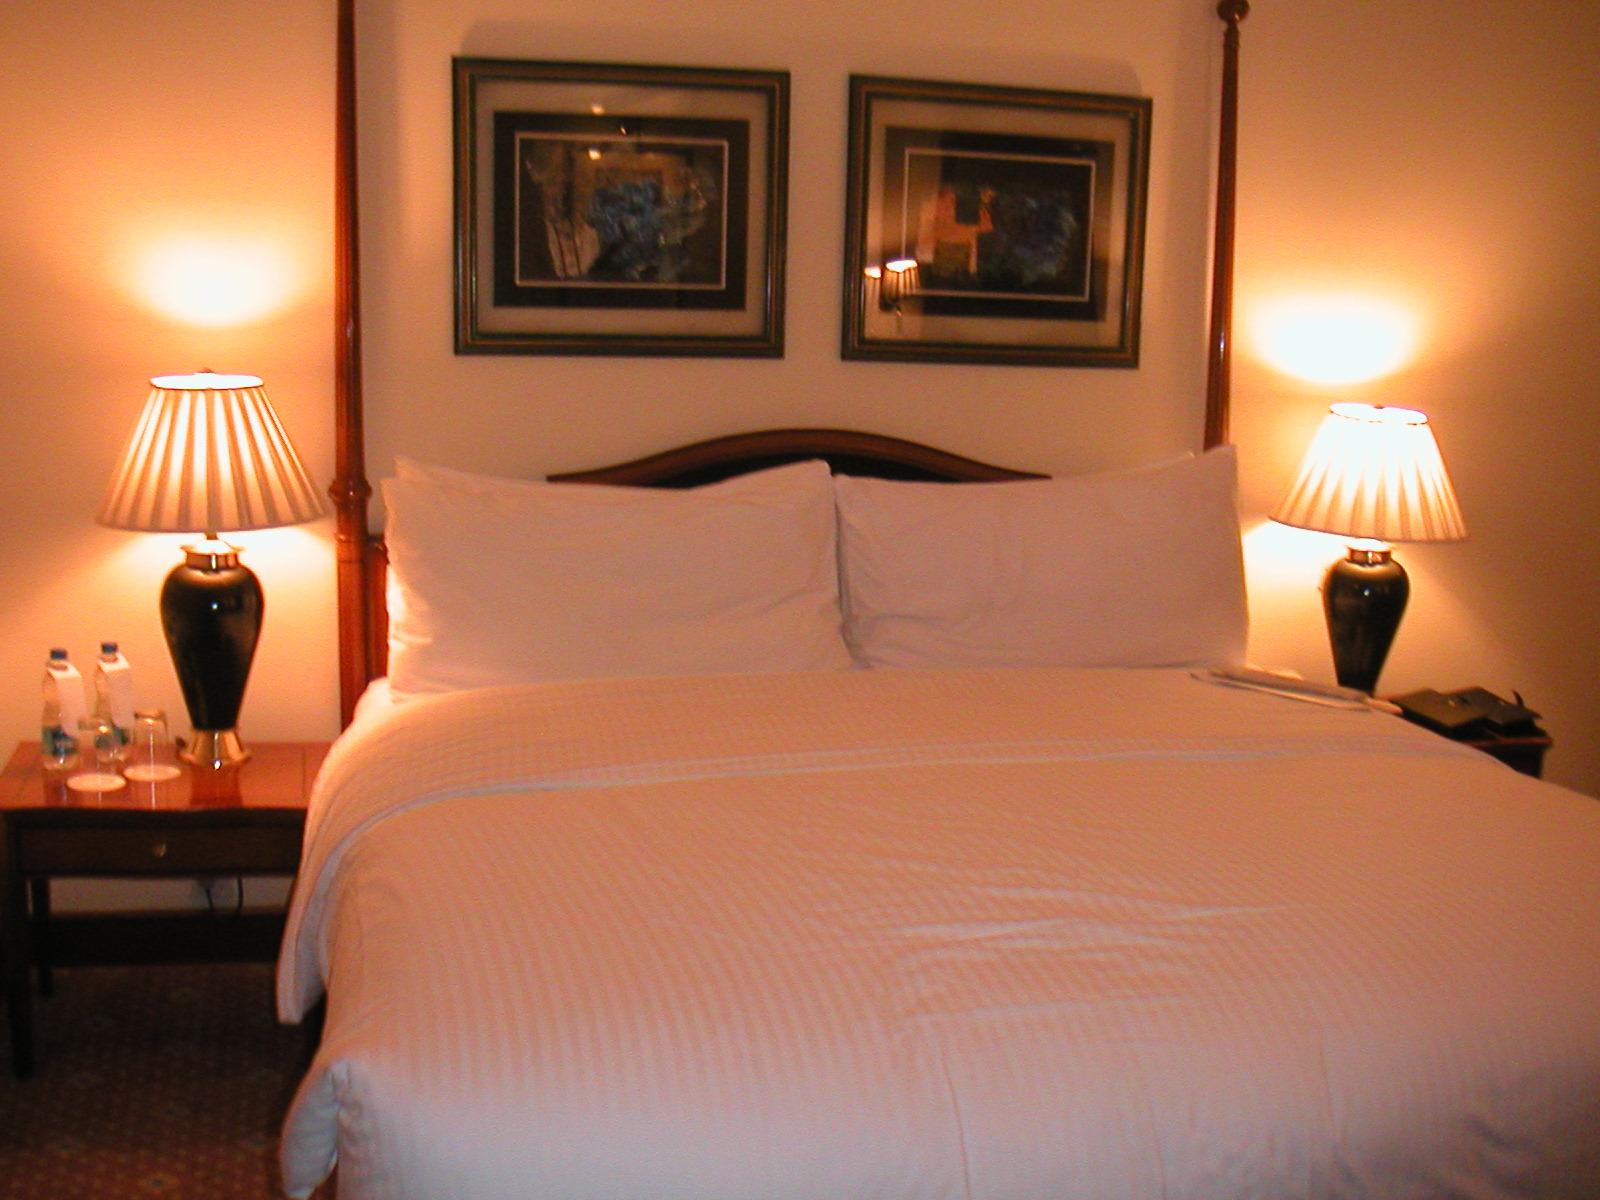 「ベッド ラブホ」の画像検索結果